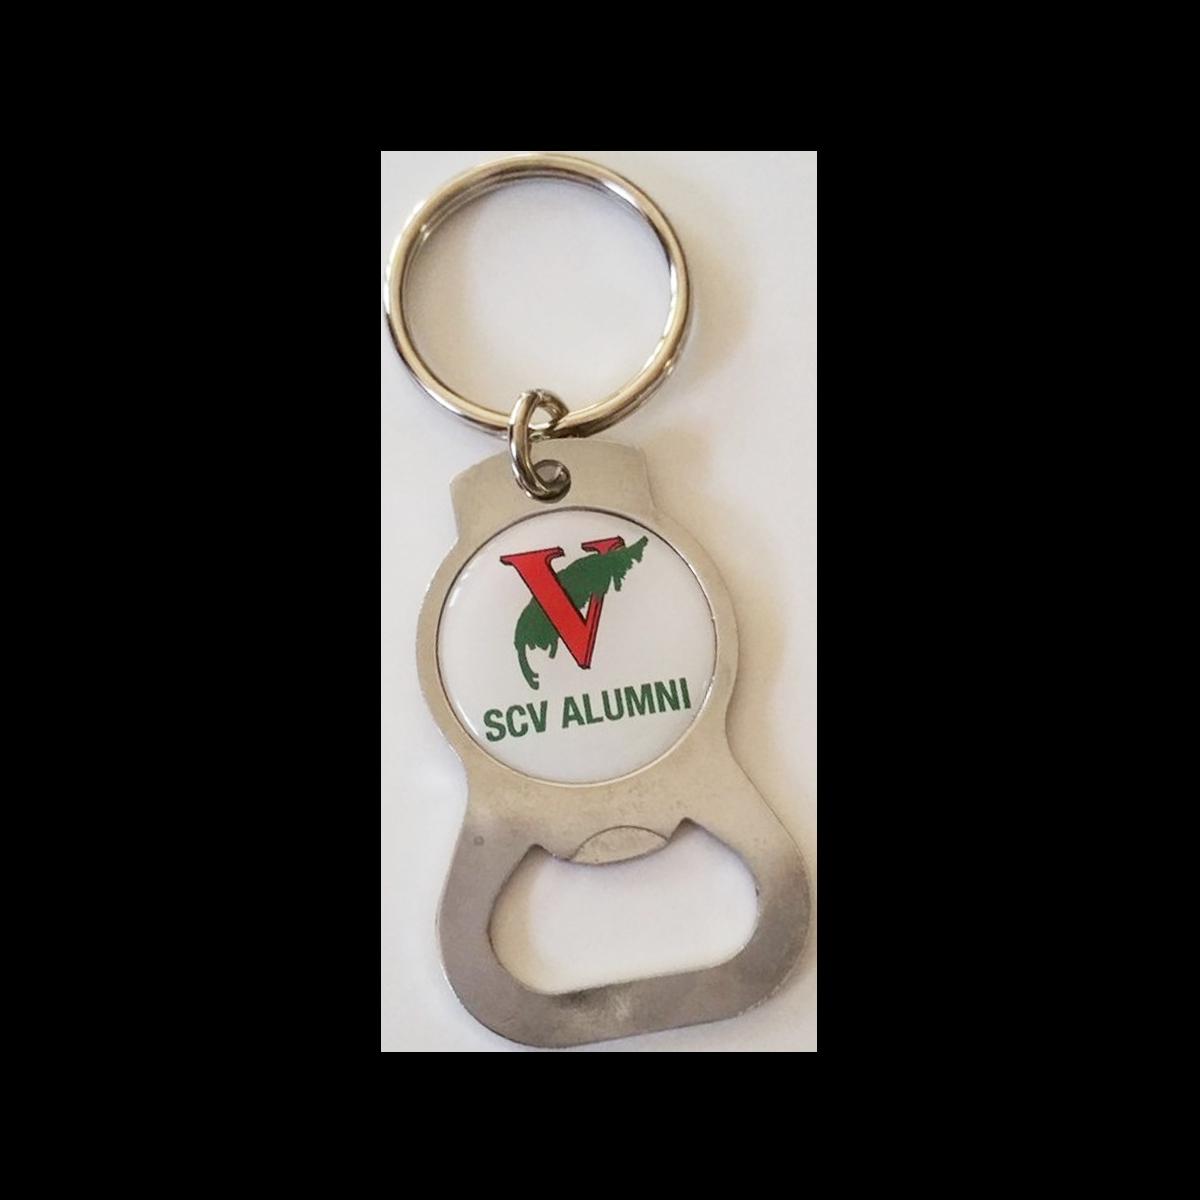 Alumni Keychain and Bottle Opener